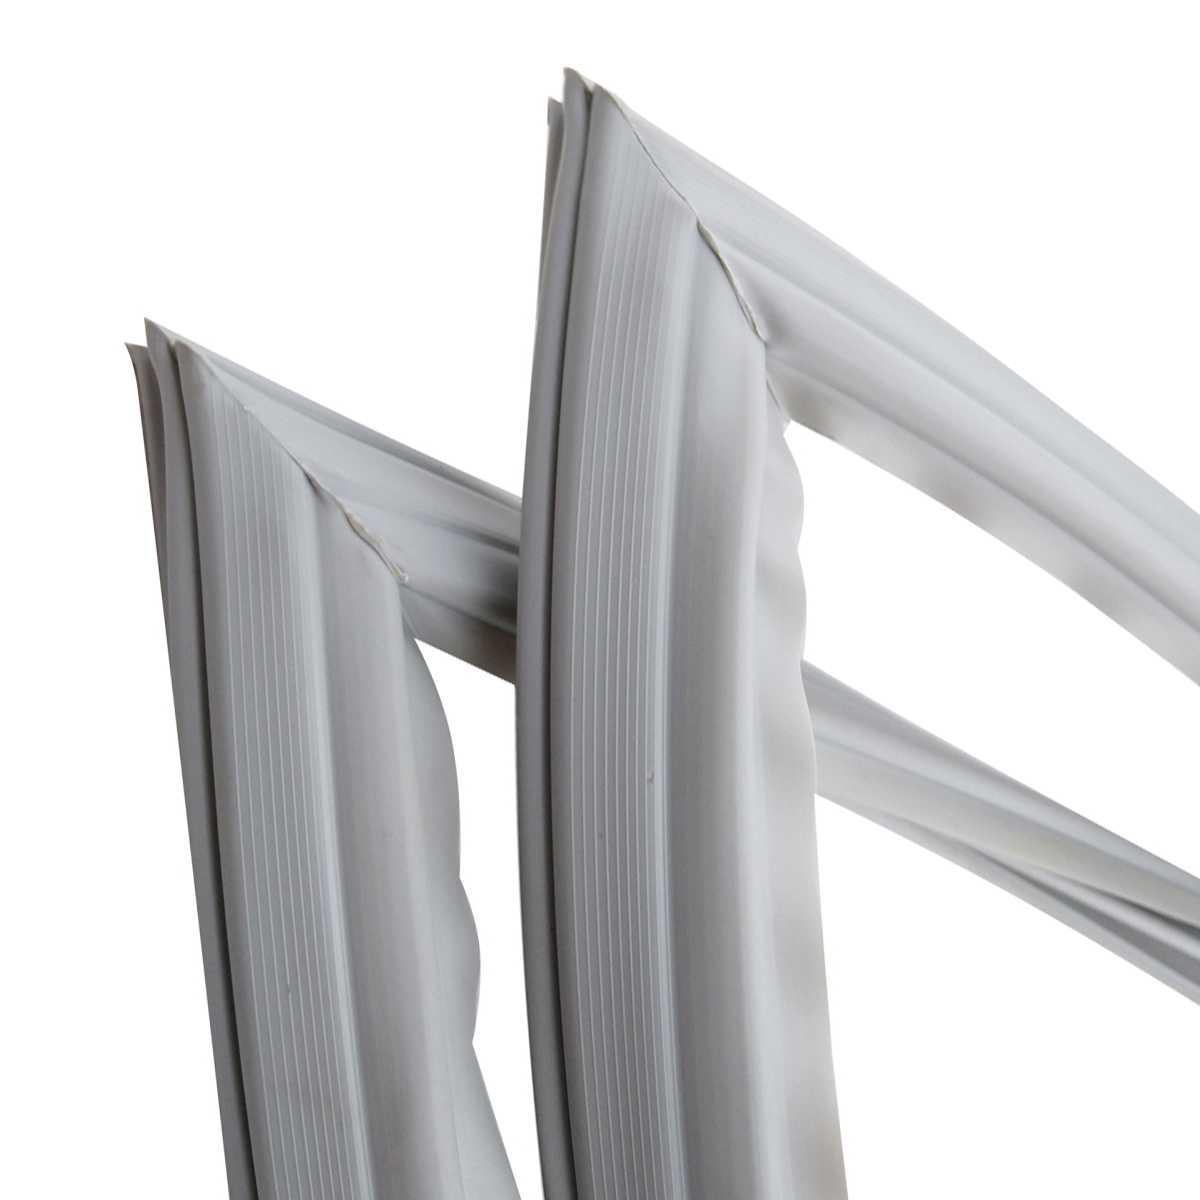 Gaxeta borracha da geladeira Electrolux superior DFF, DF, DFW, DFX, DC 48X68